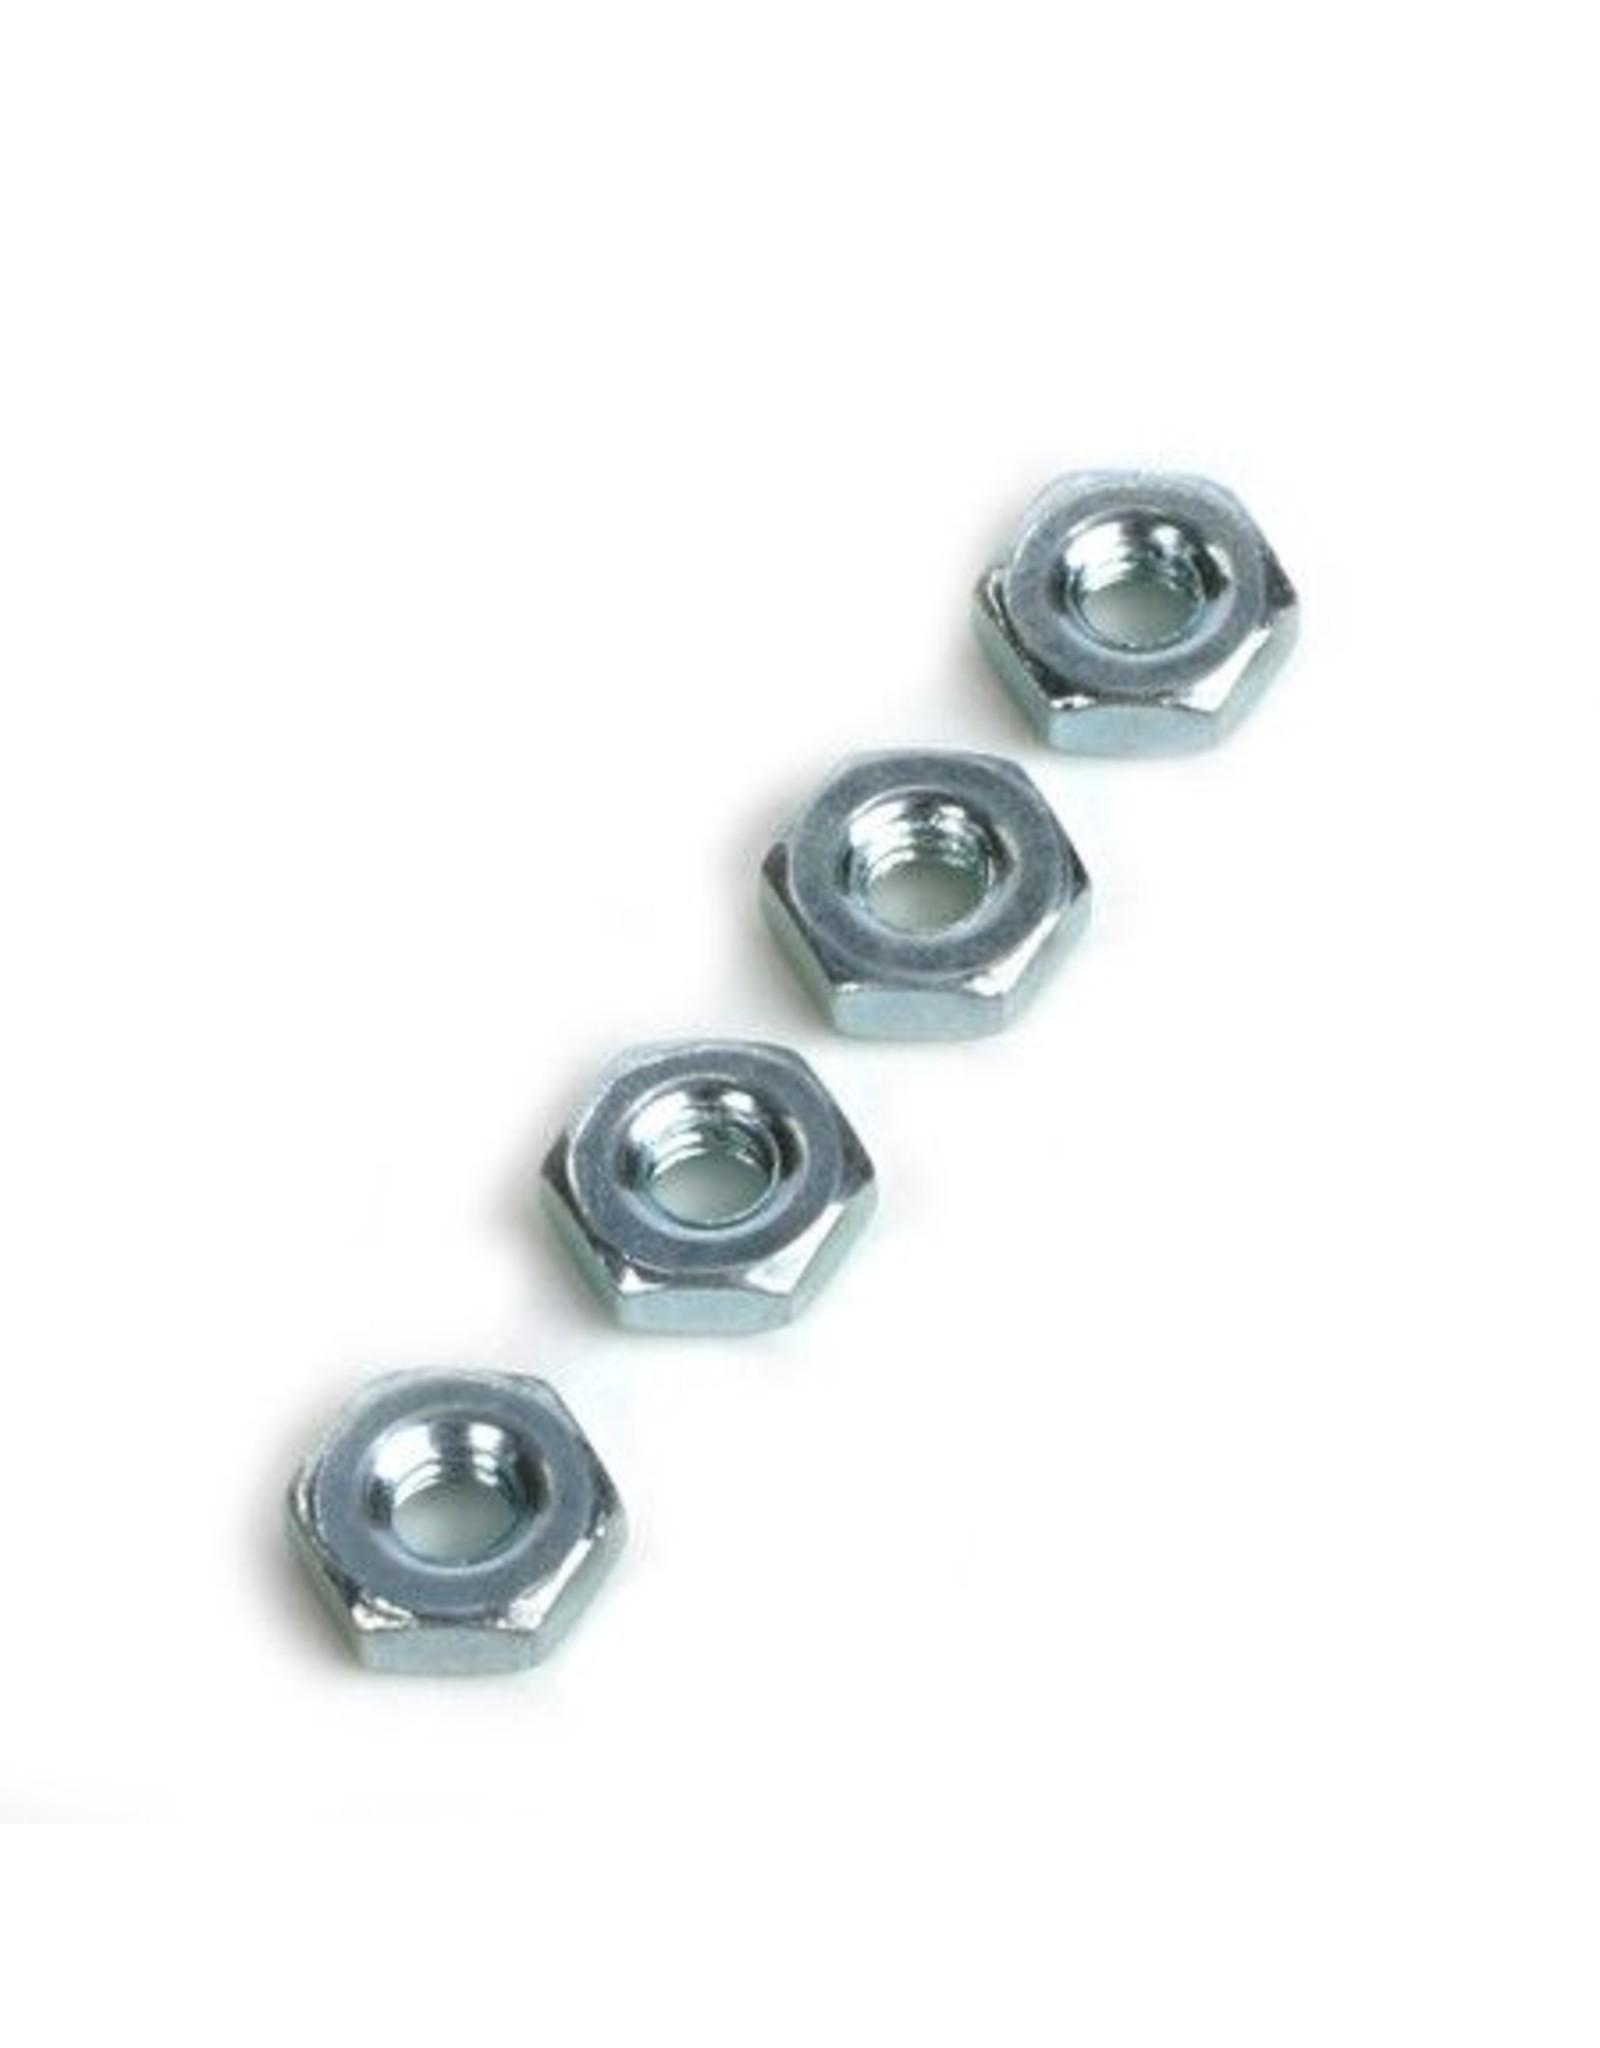 Dubro 563 - Steel Hex Nuts 8-32 (4)